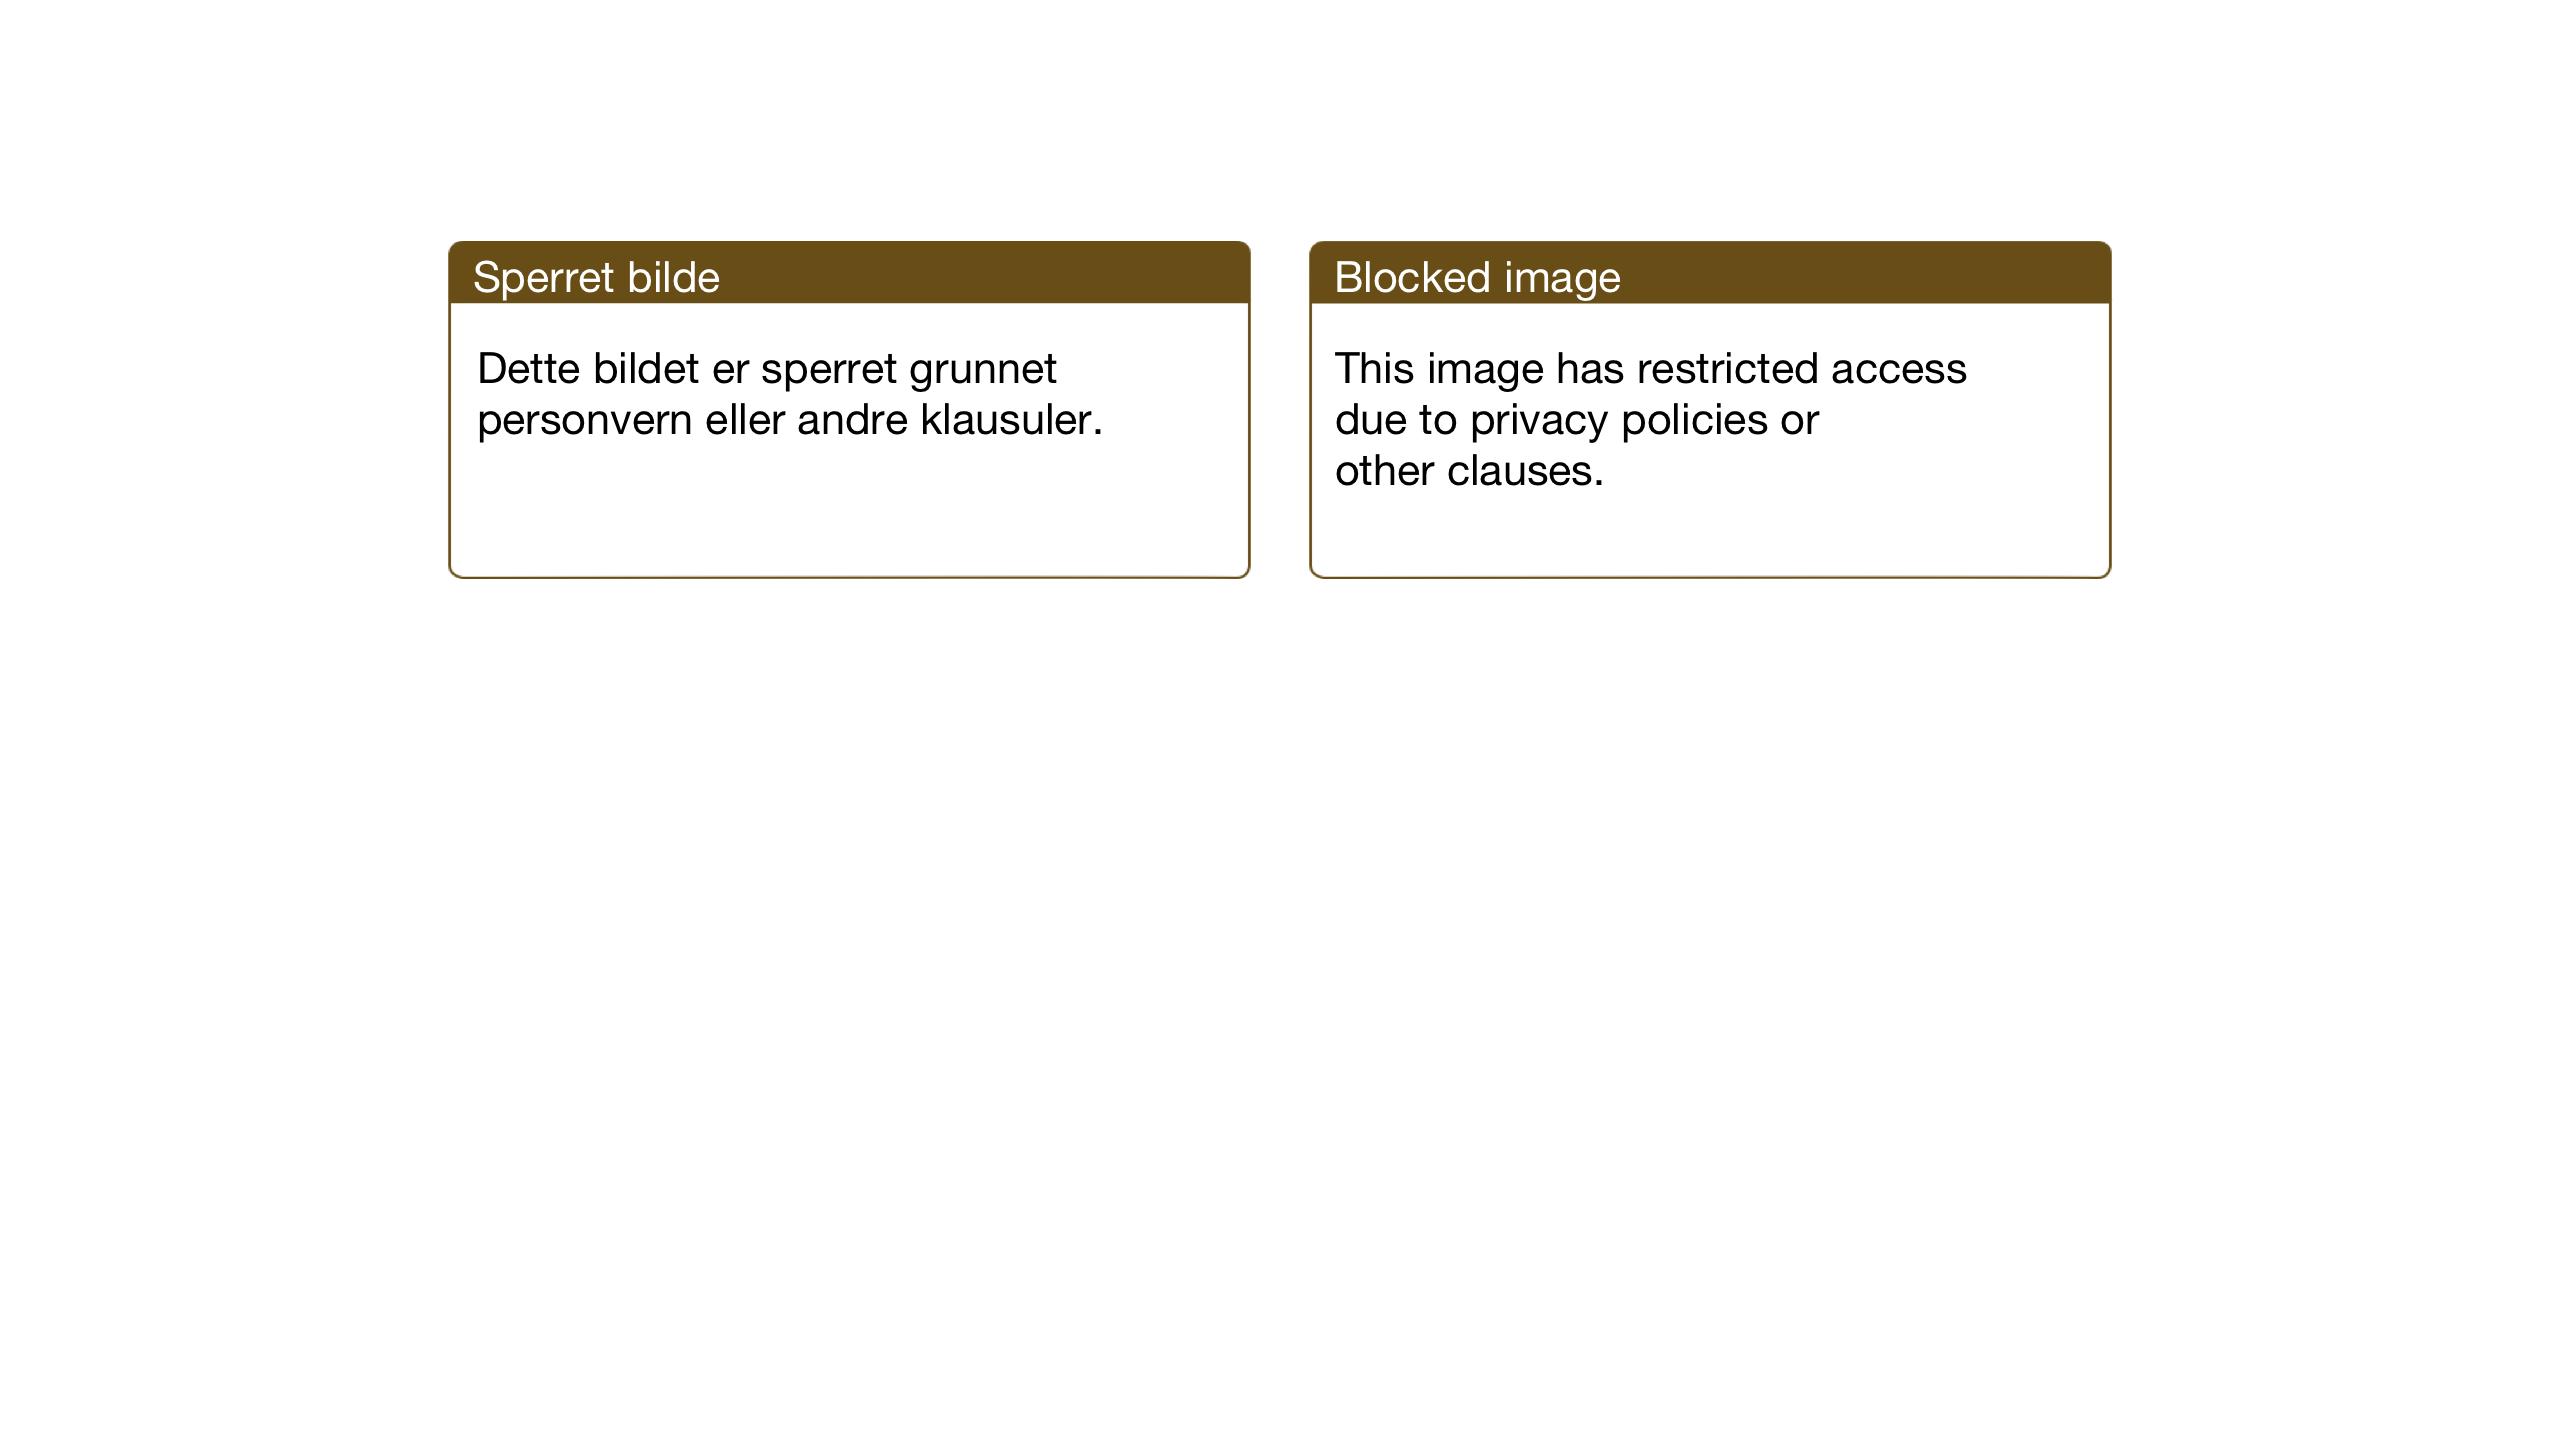 SAT, Ministerialprotokoller, klokkerbøker og fødselsregistre - Sør-Trøndelag, 682/L0947: Klokkerbok nr. 682C01, 1926-1968, s. 47